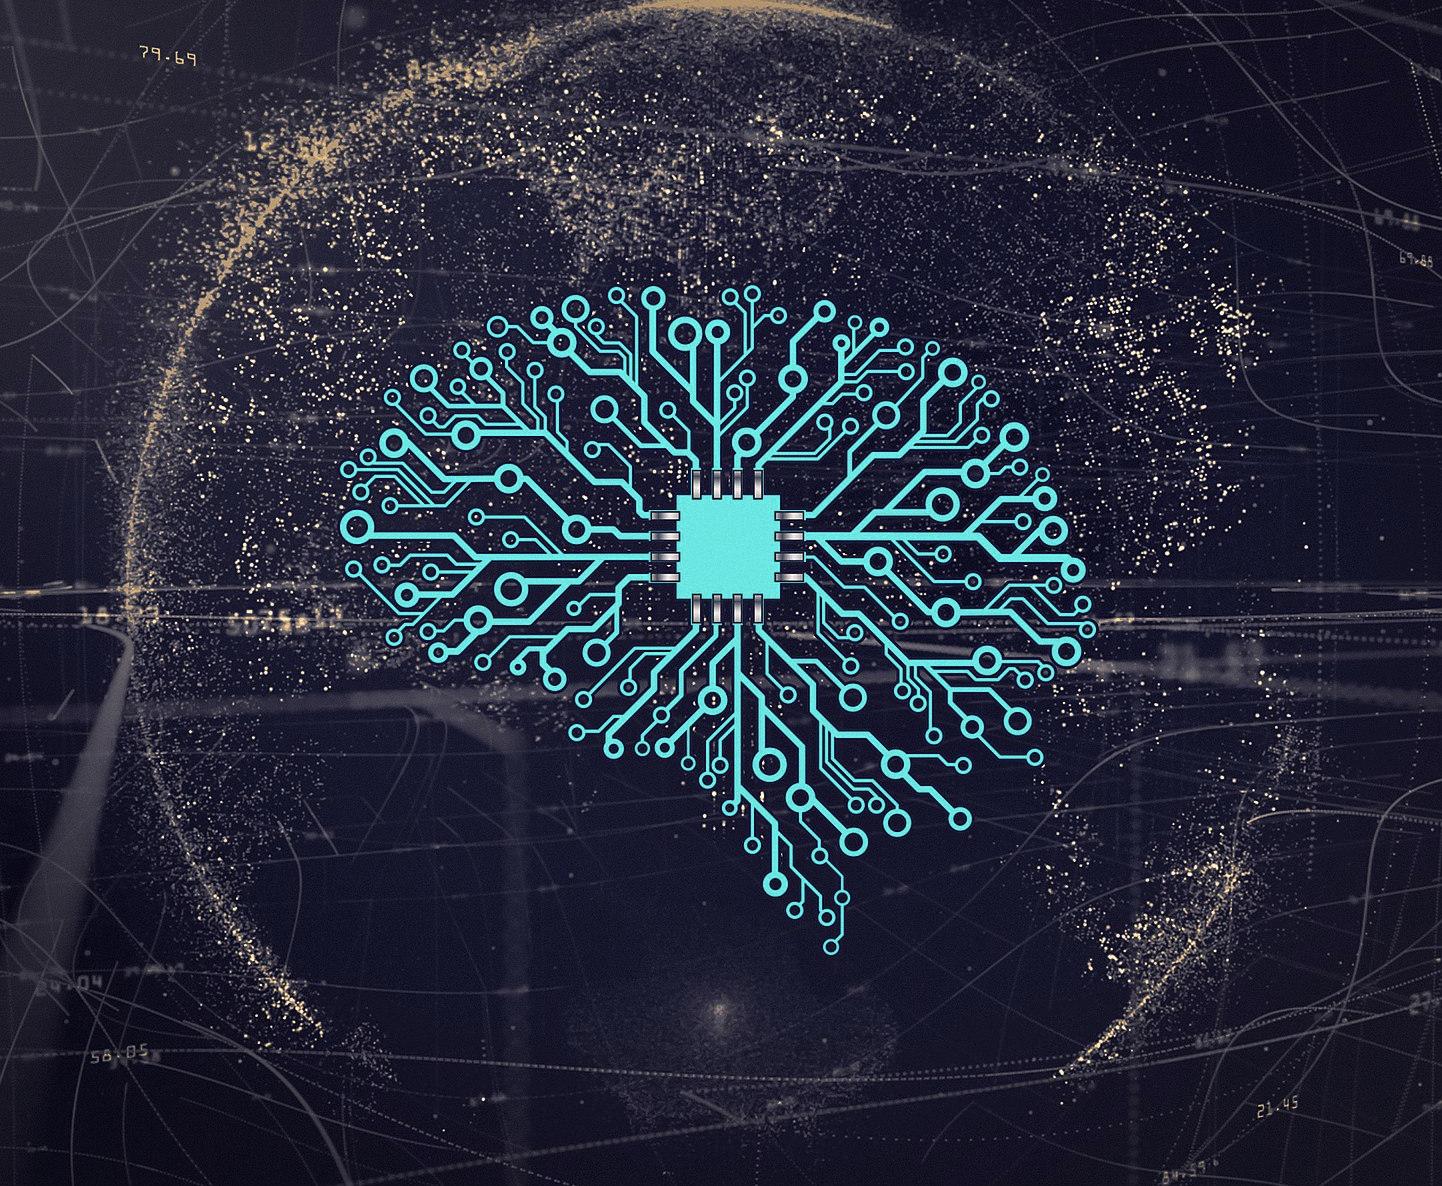 La inteligencia artificial ahora puede decirnos cuándo deja de ser confiable